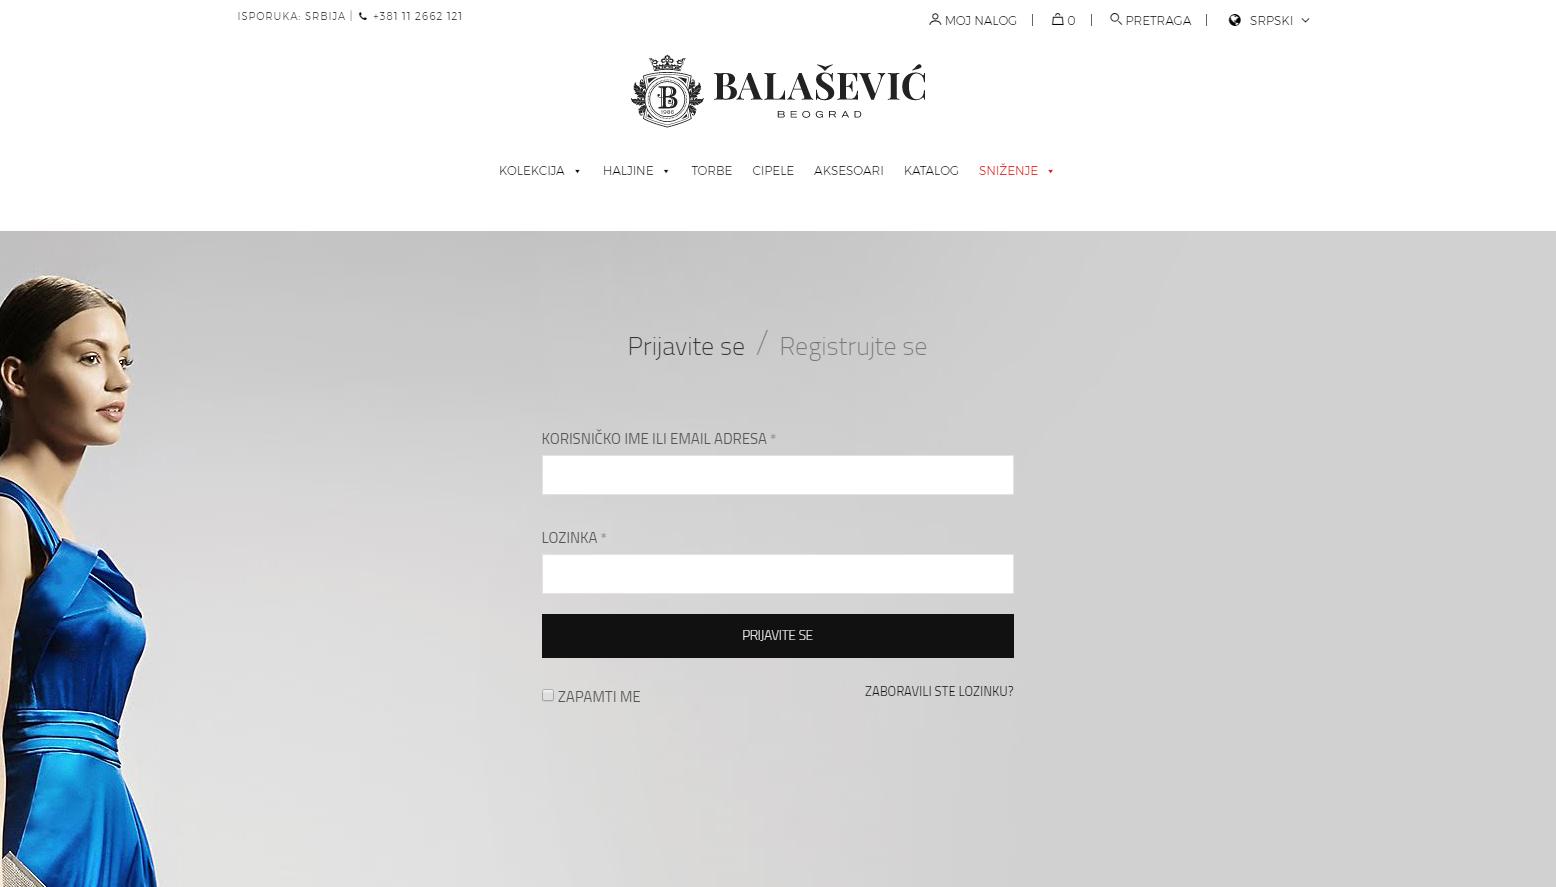 Uputstvo za registraciju